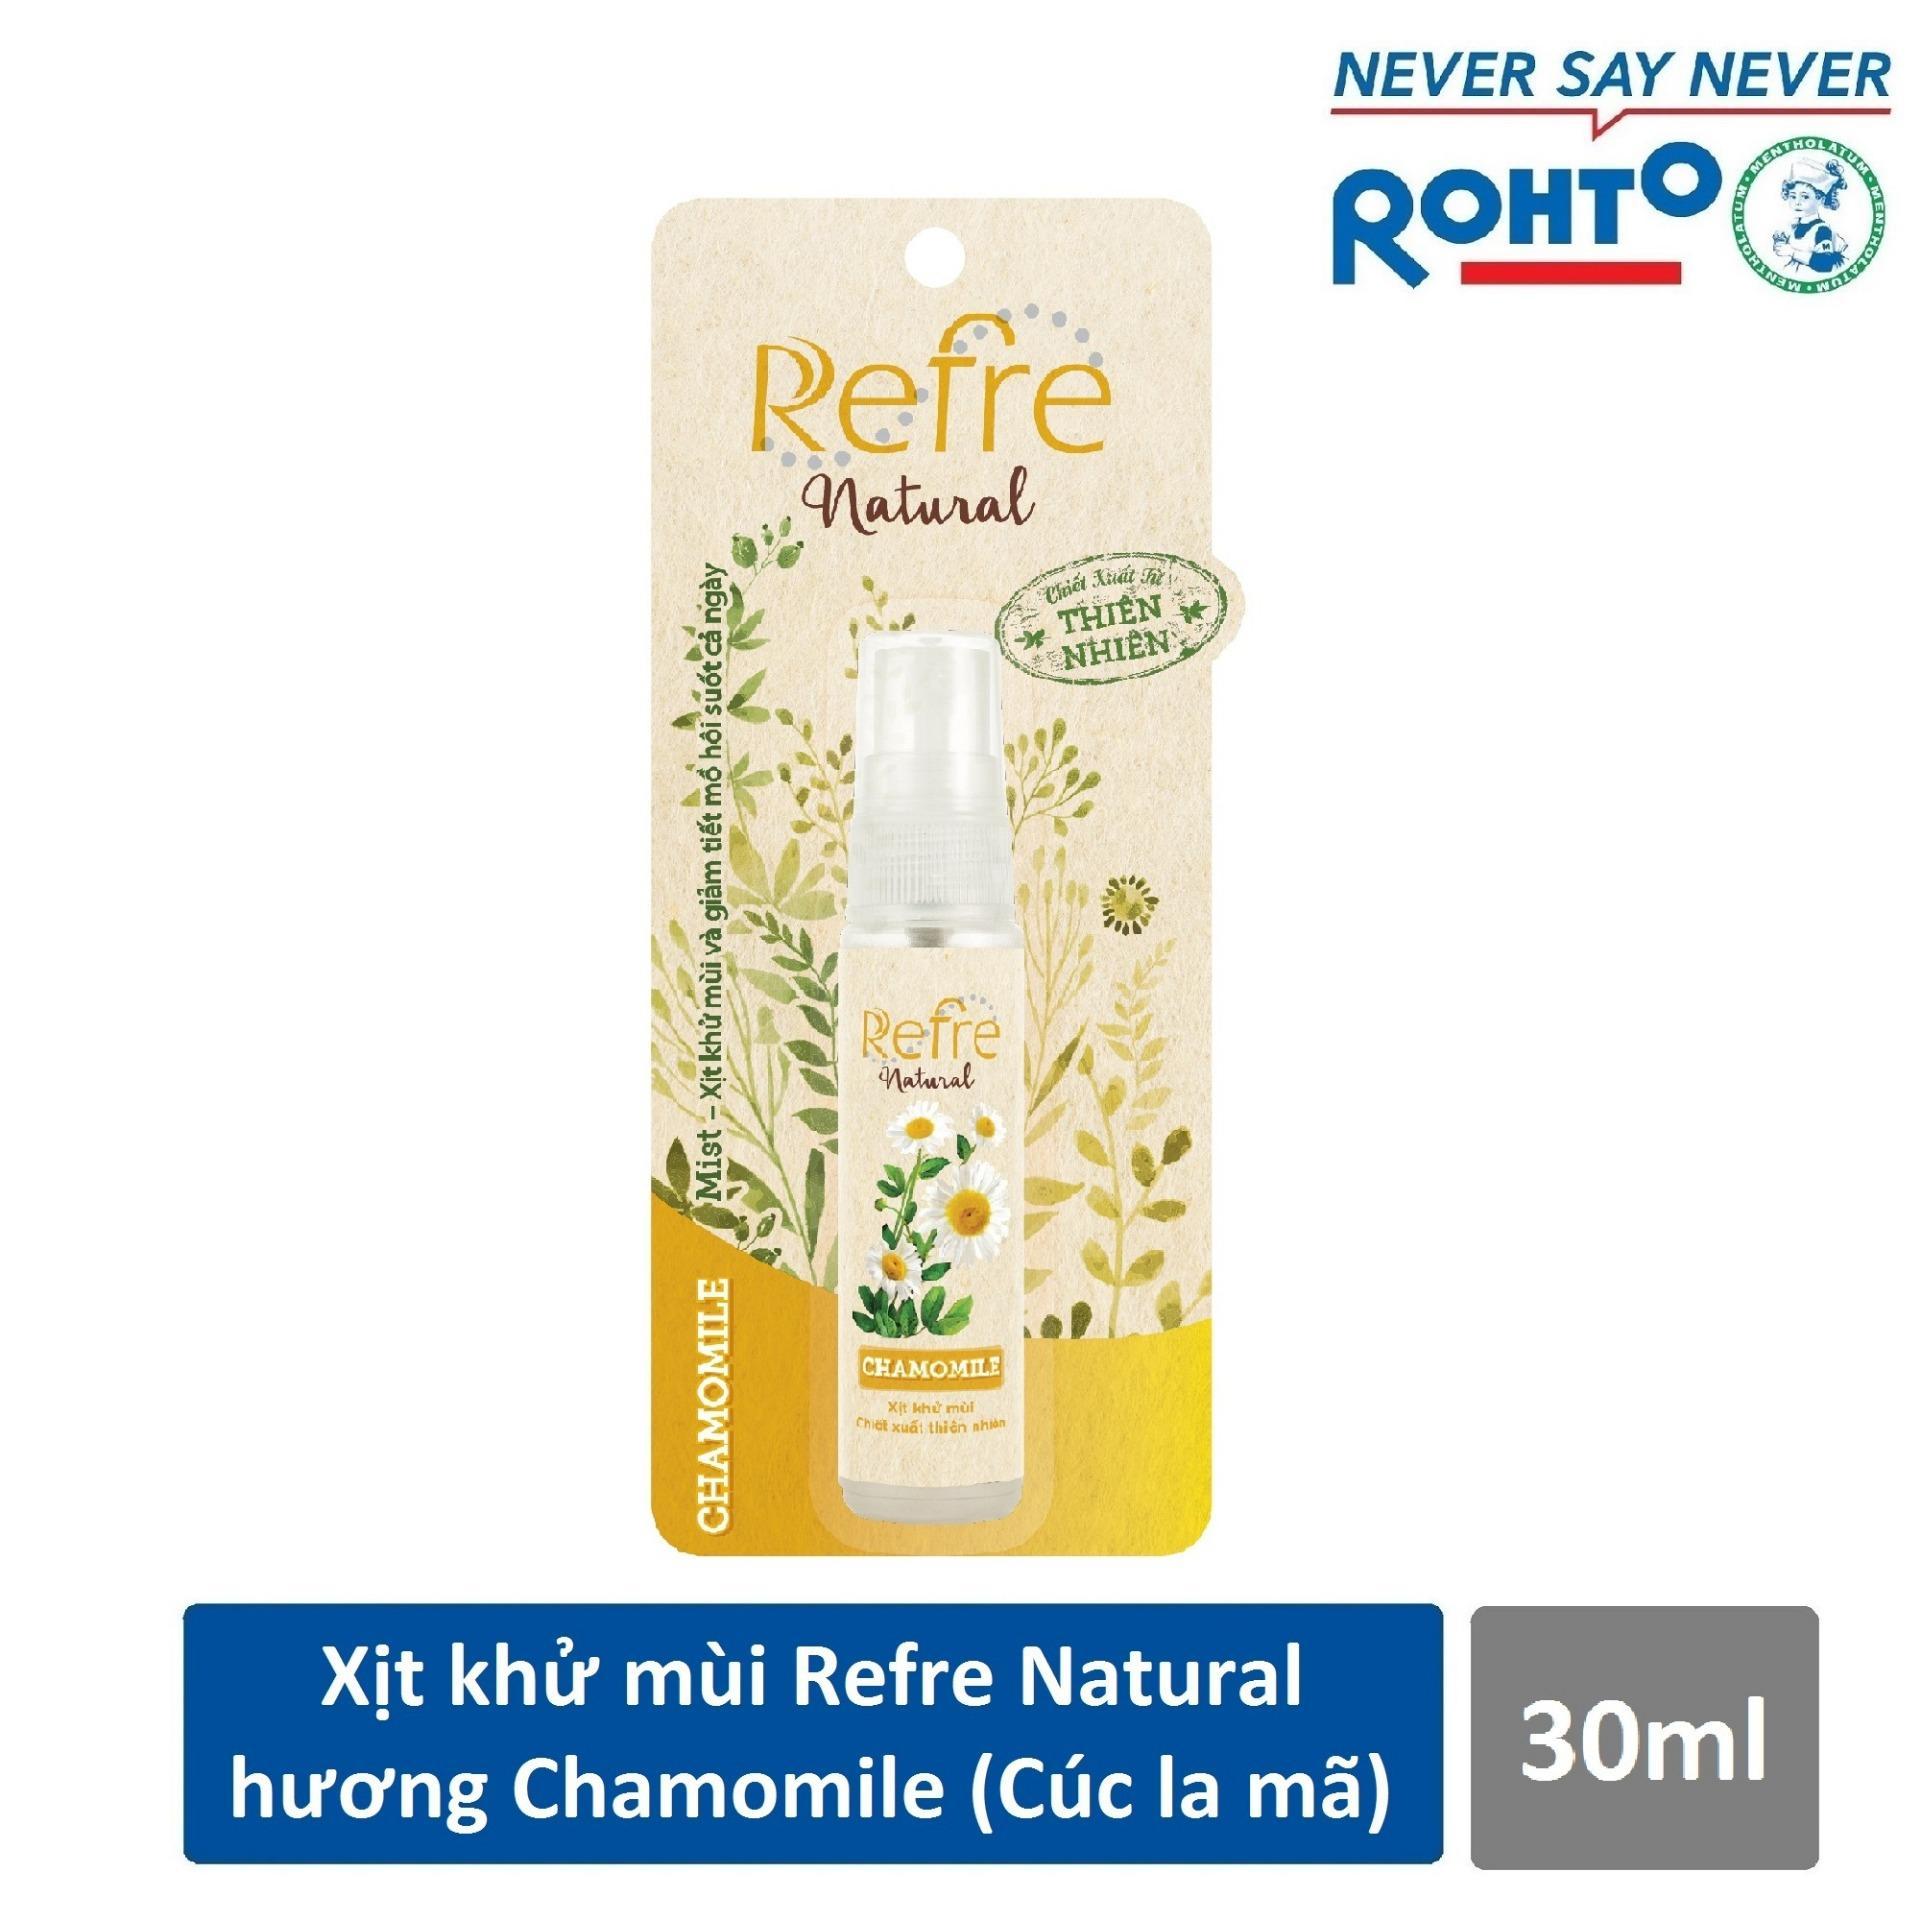 Xịt Khử Mùi Refre Natural Chamomile Hương Cúc La Mã 30ml